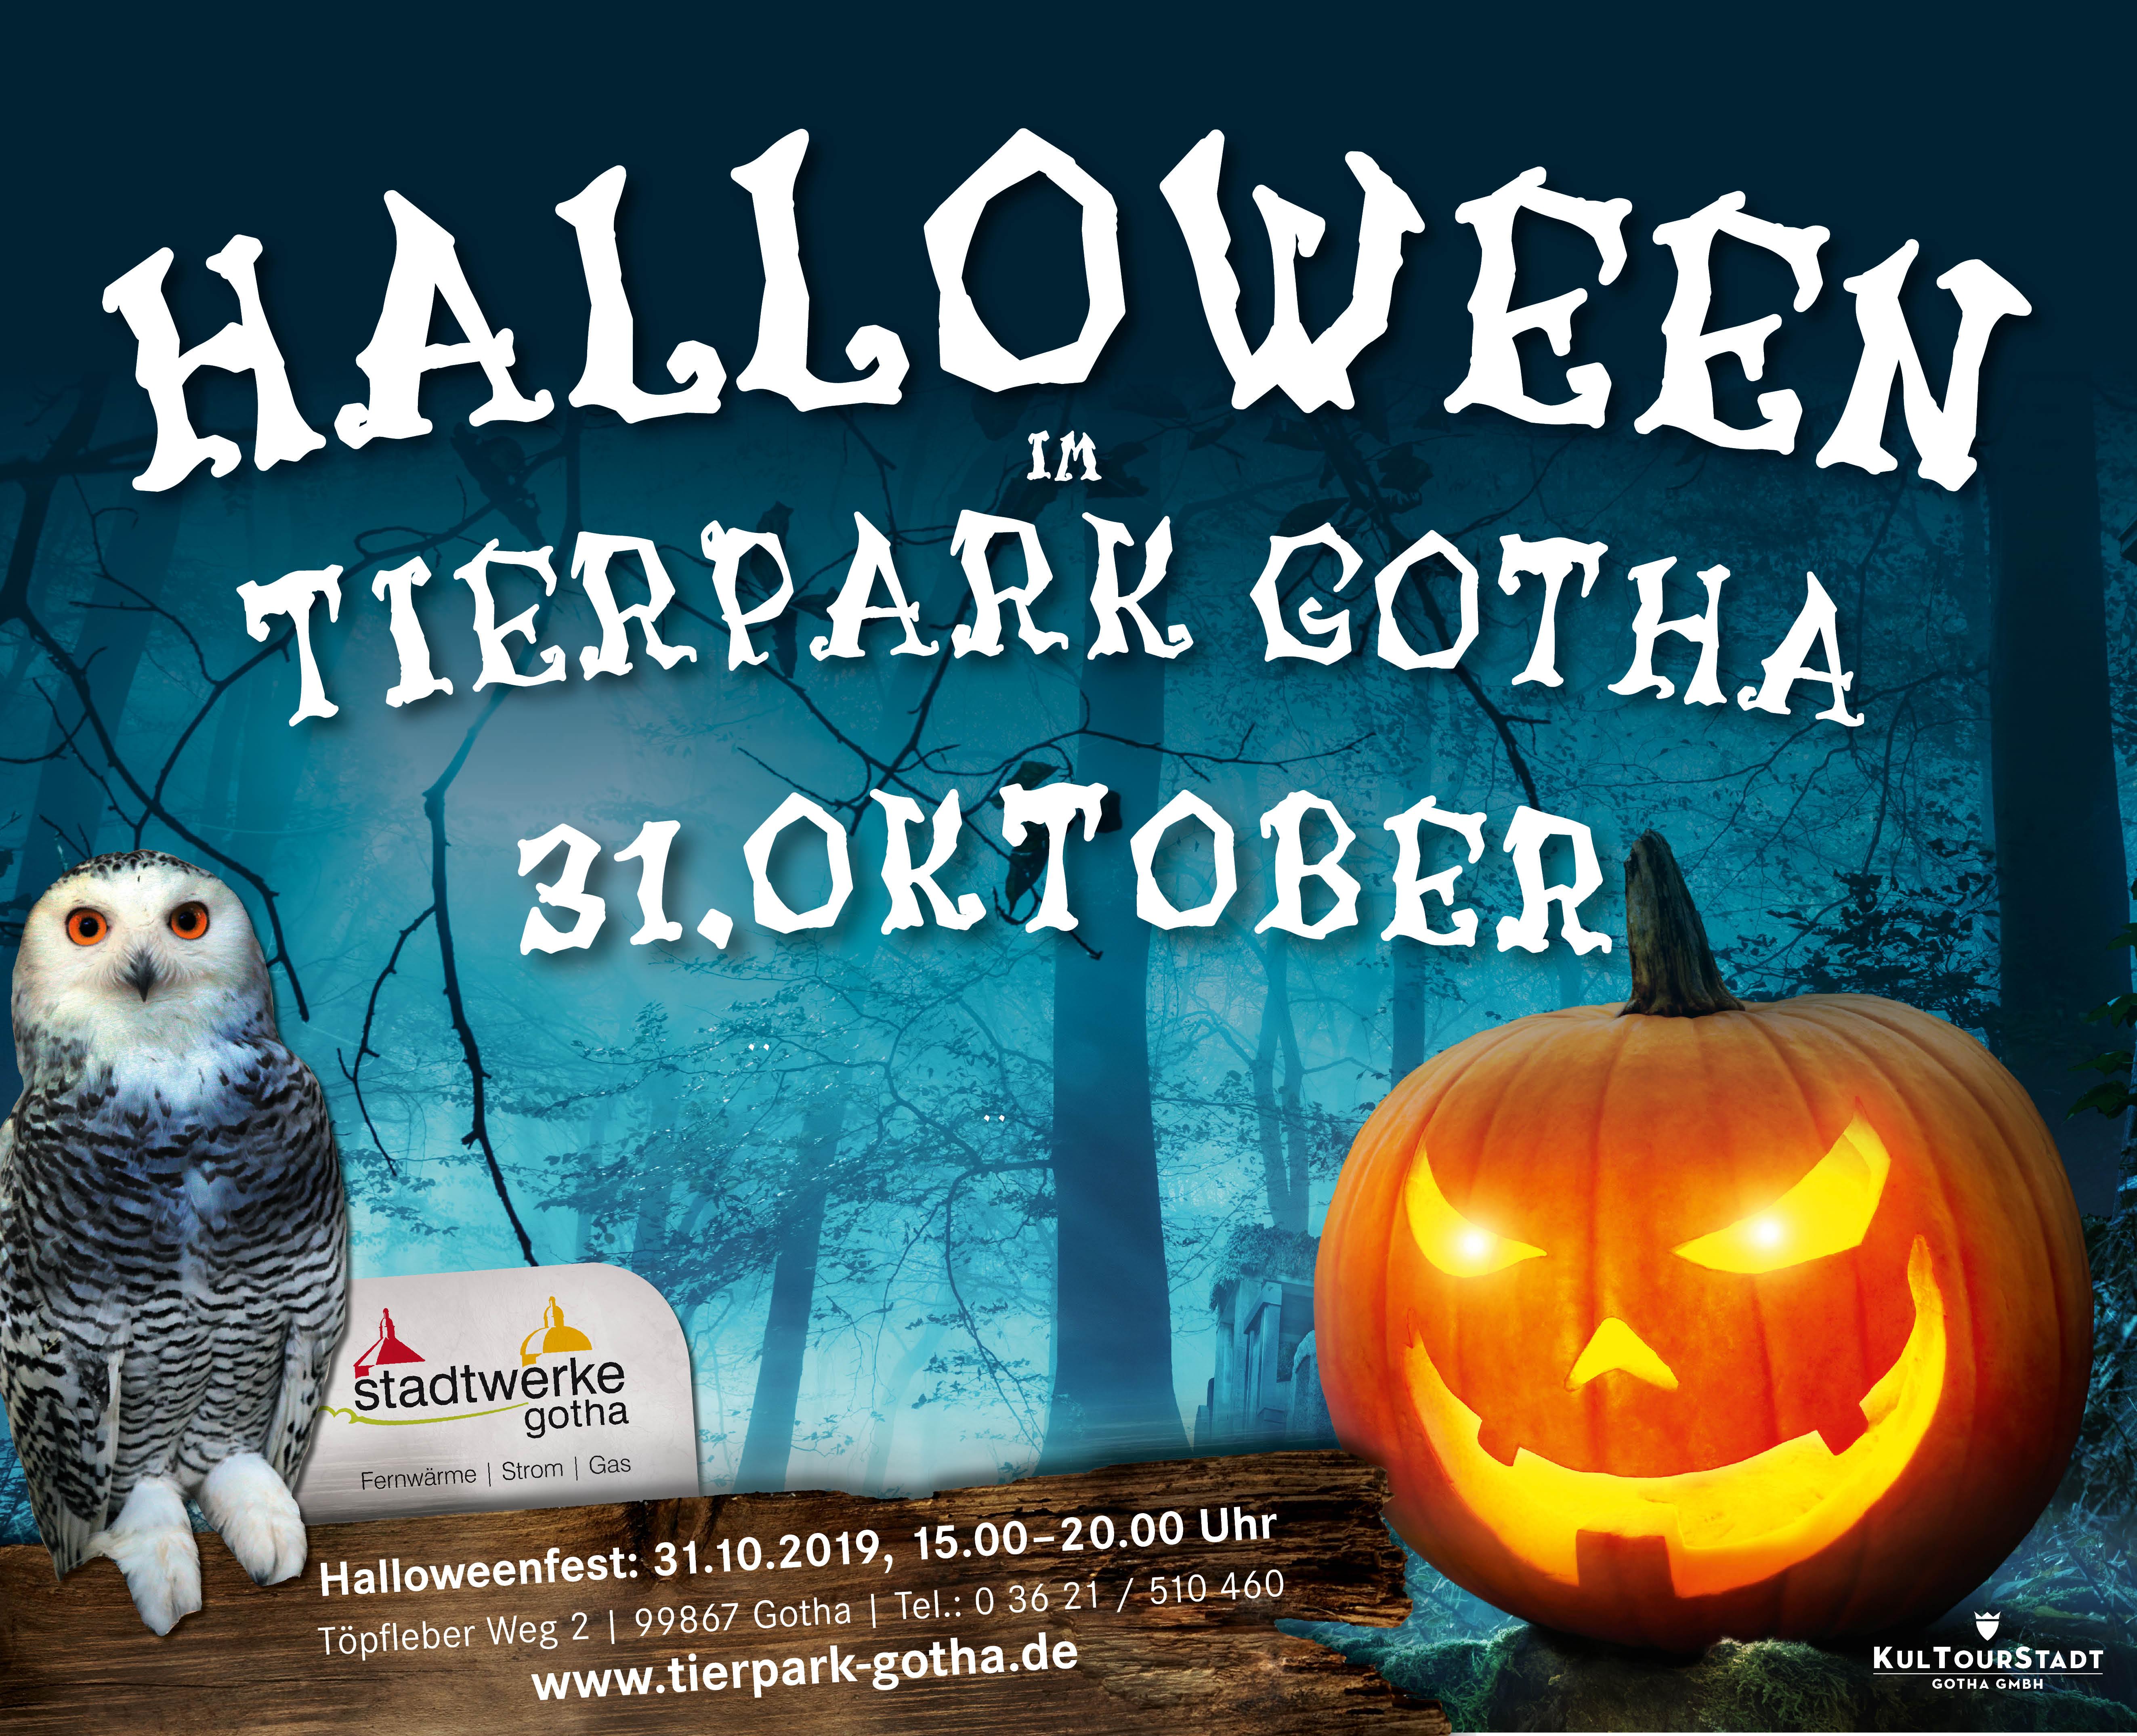 Halloweenfest im Tierpark Gotha